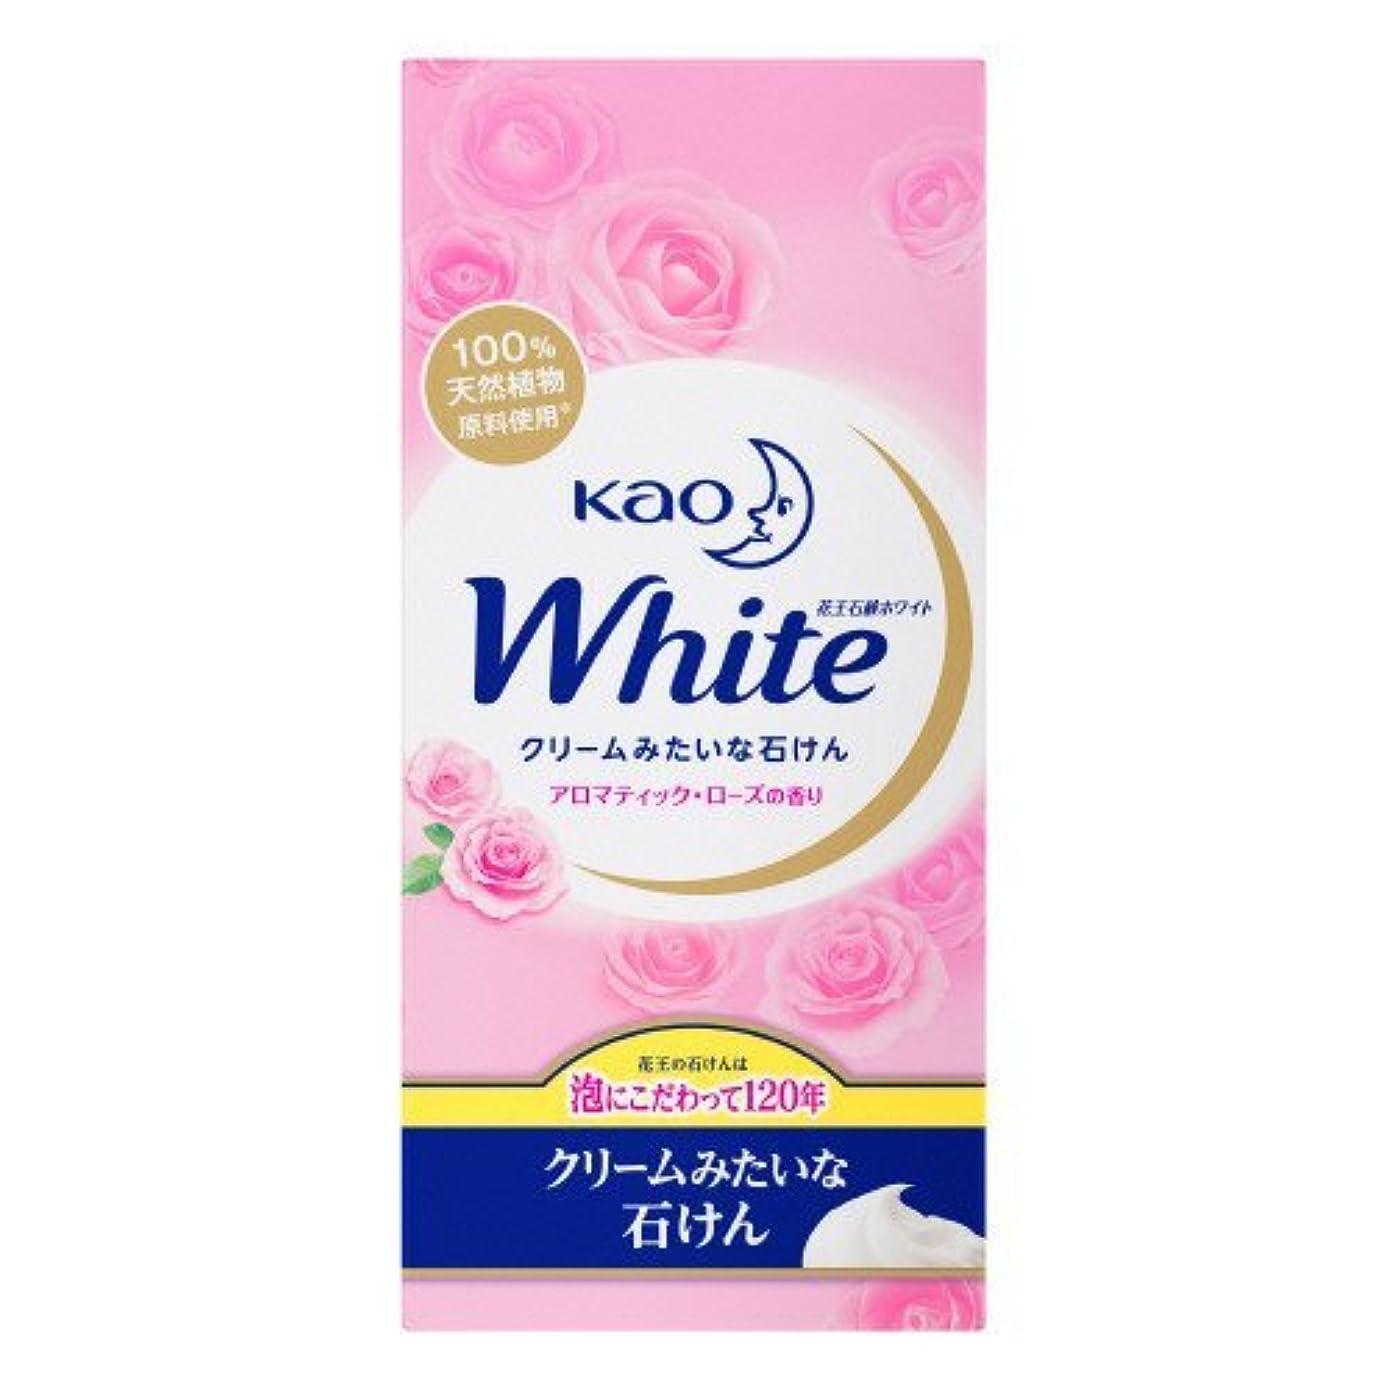 土ボートエール【花王】花王ホワイト アロマティックローズの香りレギュラーサイズ (85g×6個) ×20個セット